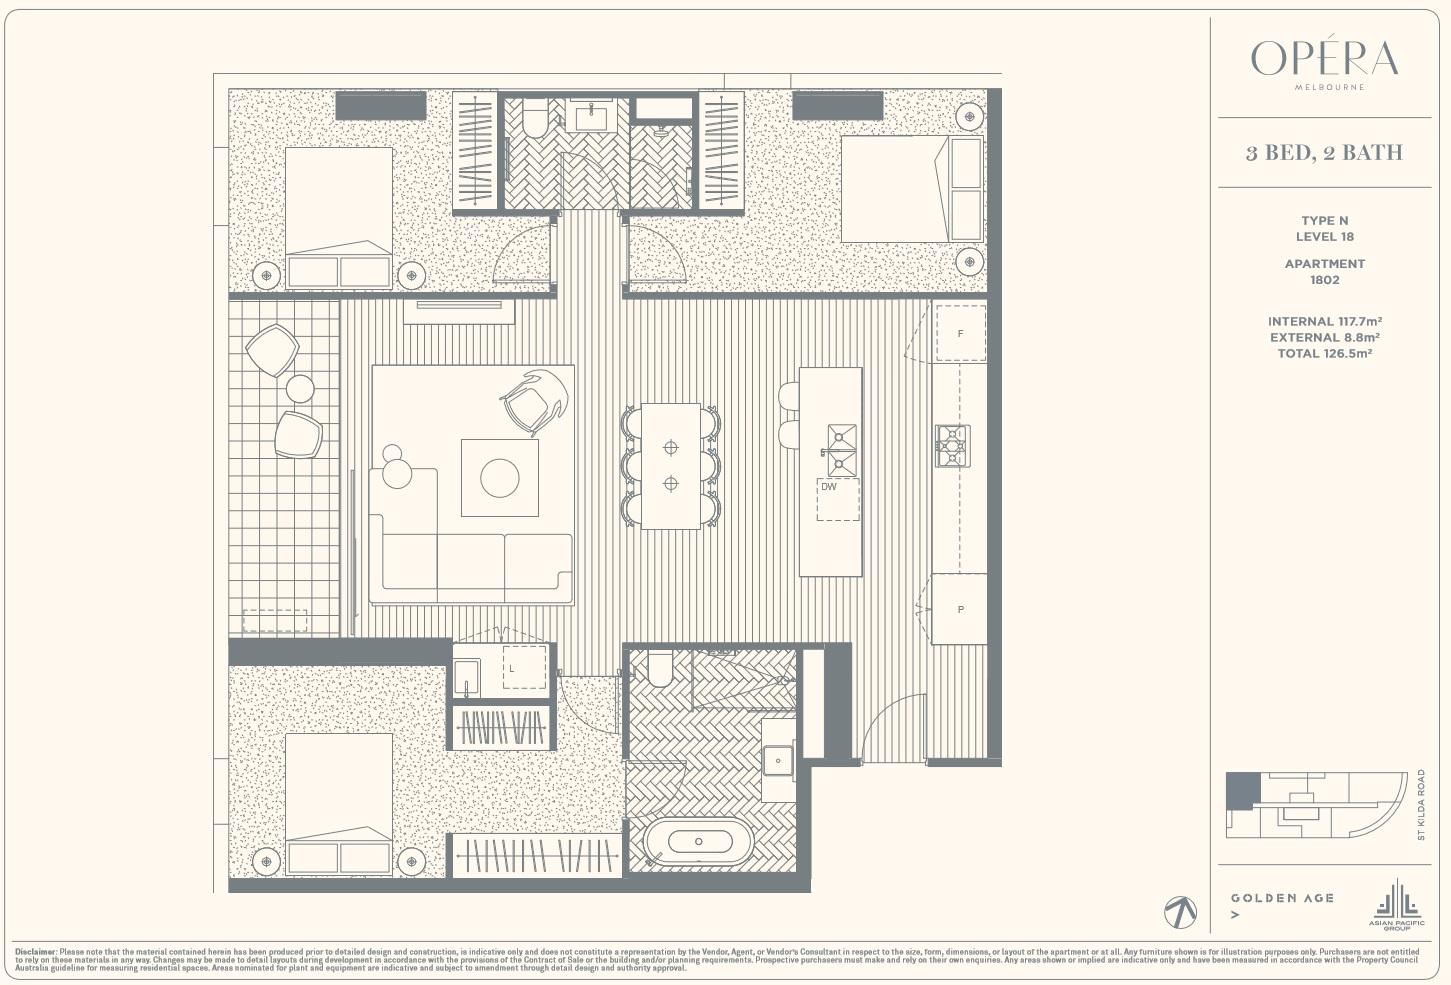 Floor Plan Type N - 3Bed2Bath